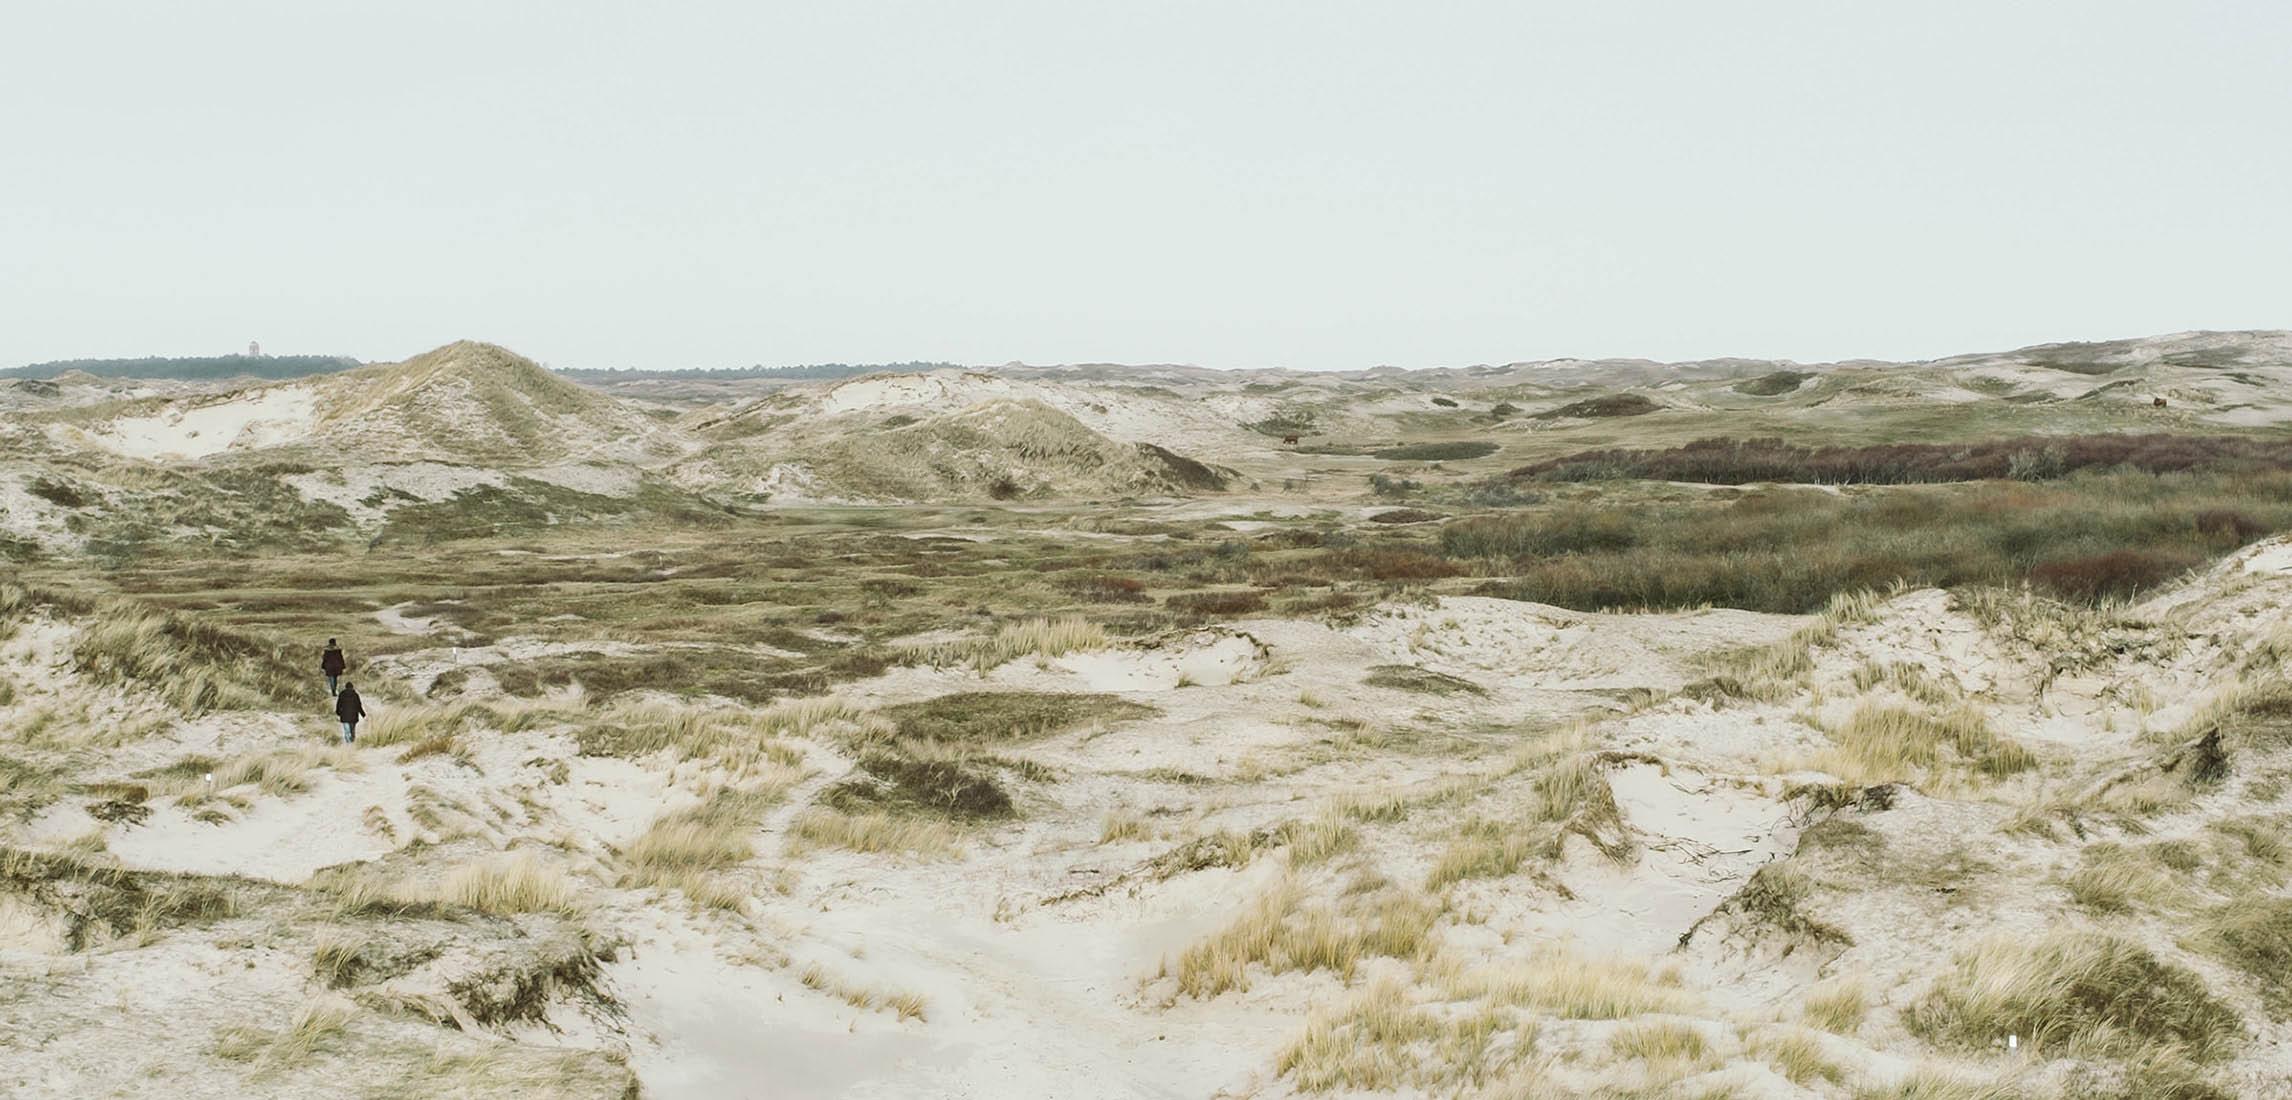 Dünen Landschaft Niederlande Egmond aan Zee Sand grün bedeckter Himmel Jörn Strojny